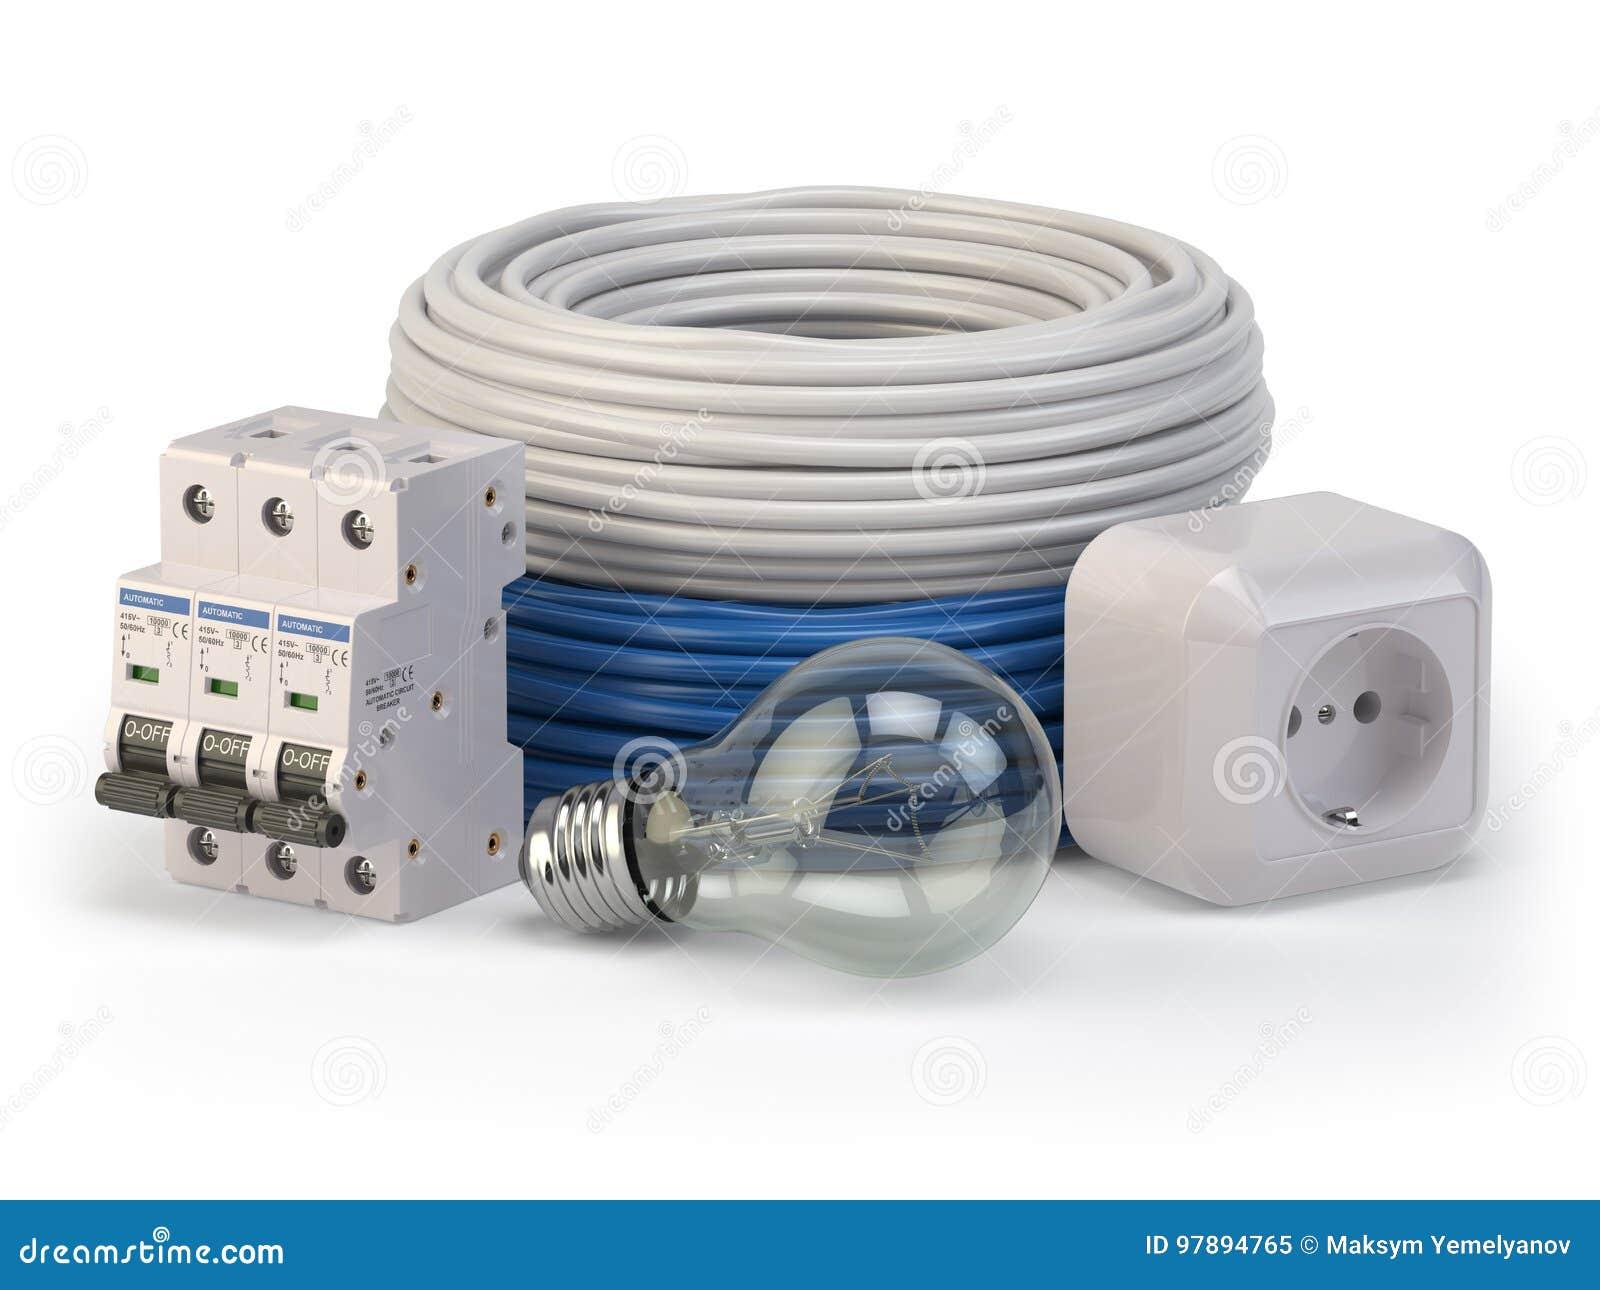 Atemberaubend Wie Man Elektrisches Kabel Anschließt Ideen - Der ...